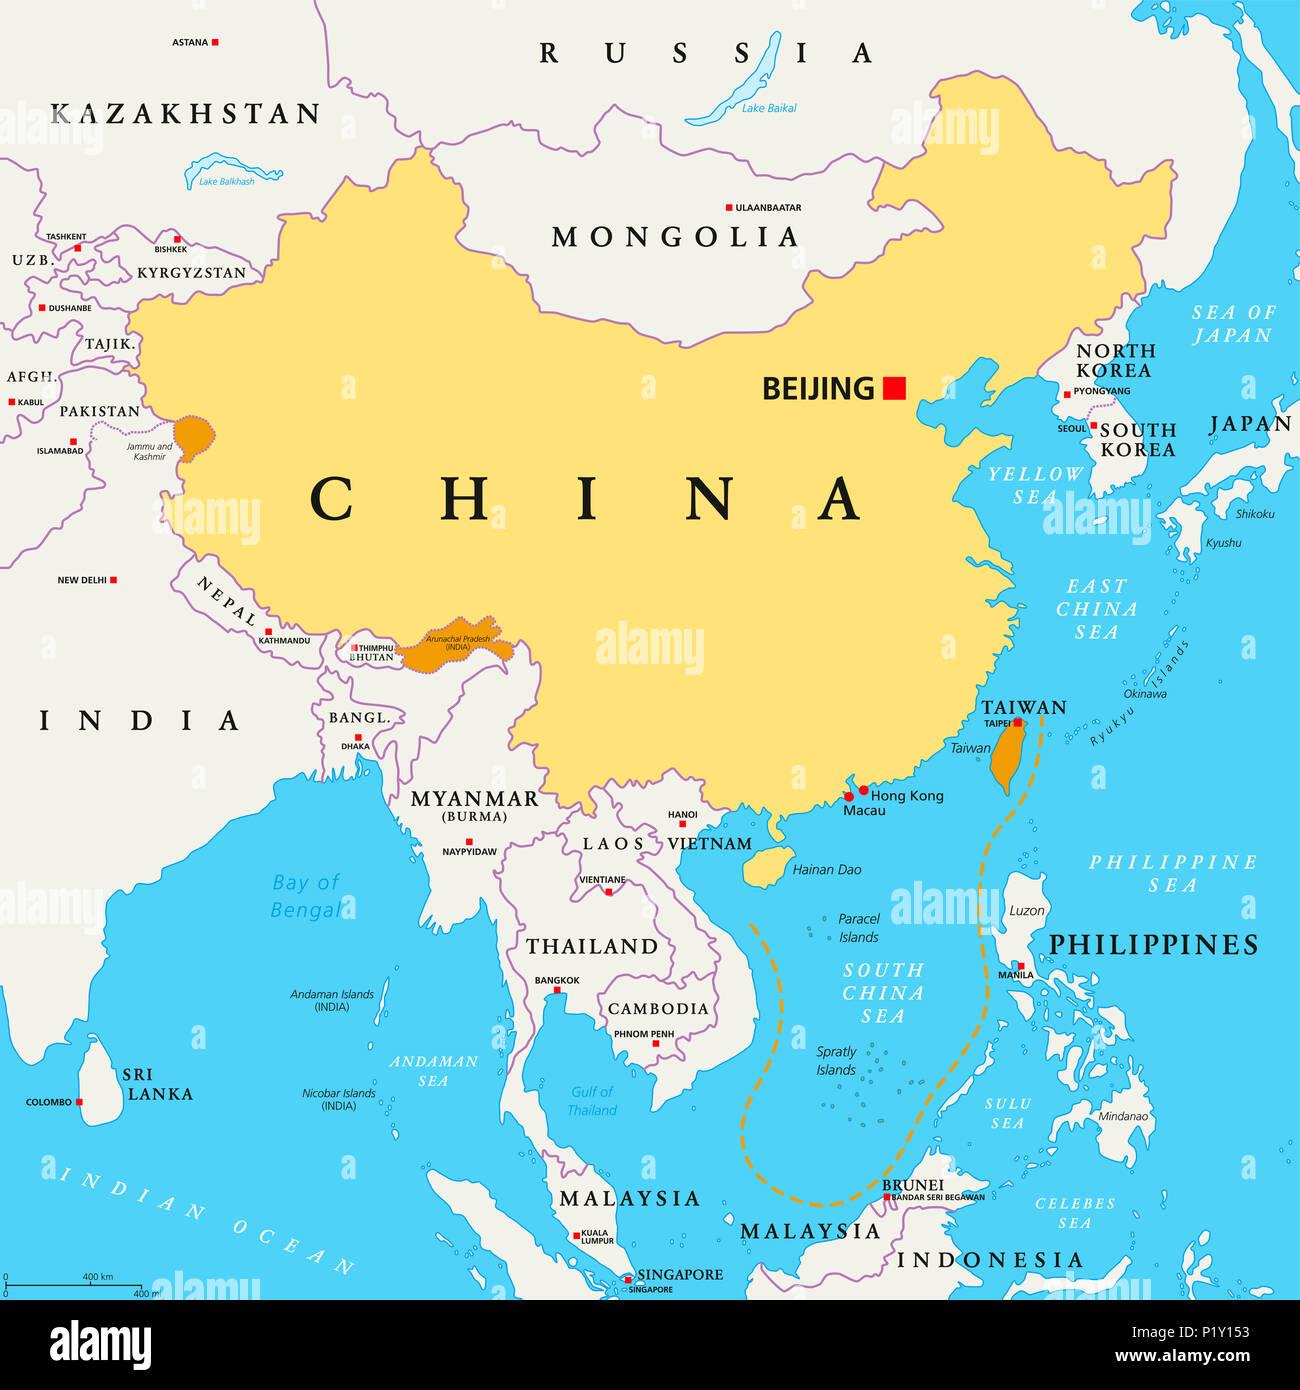 Cartina Geografica Della Cina.Repubblica Popolare Cinese Prc Mappa Politico Area Controllata